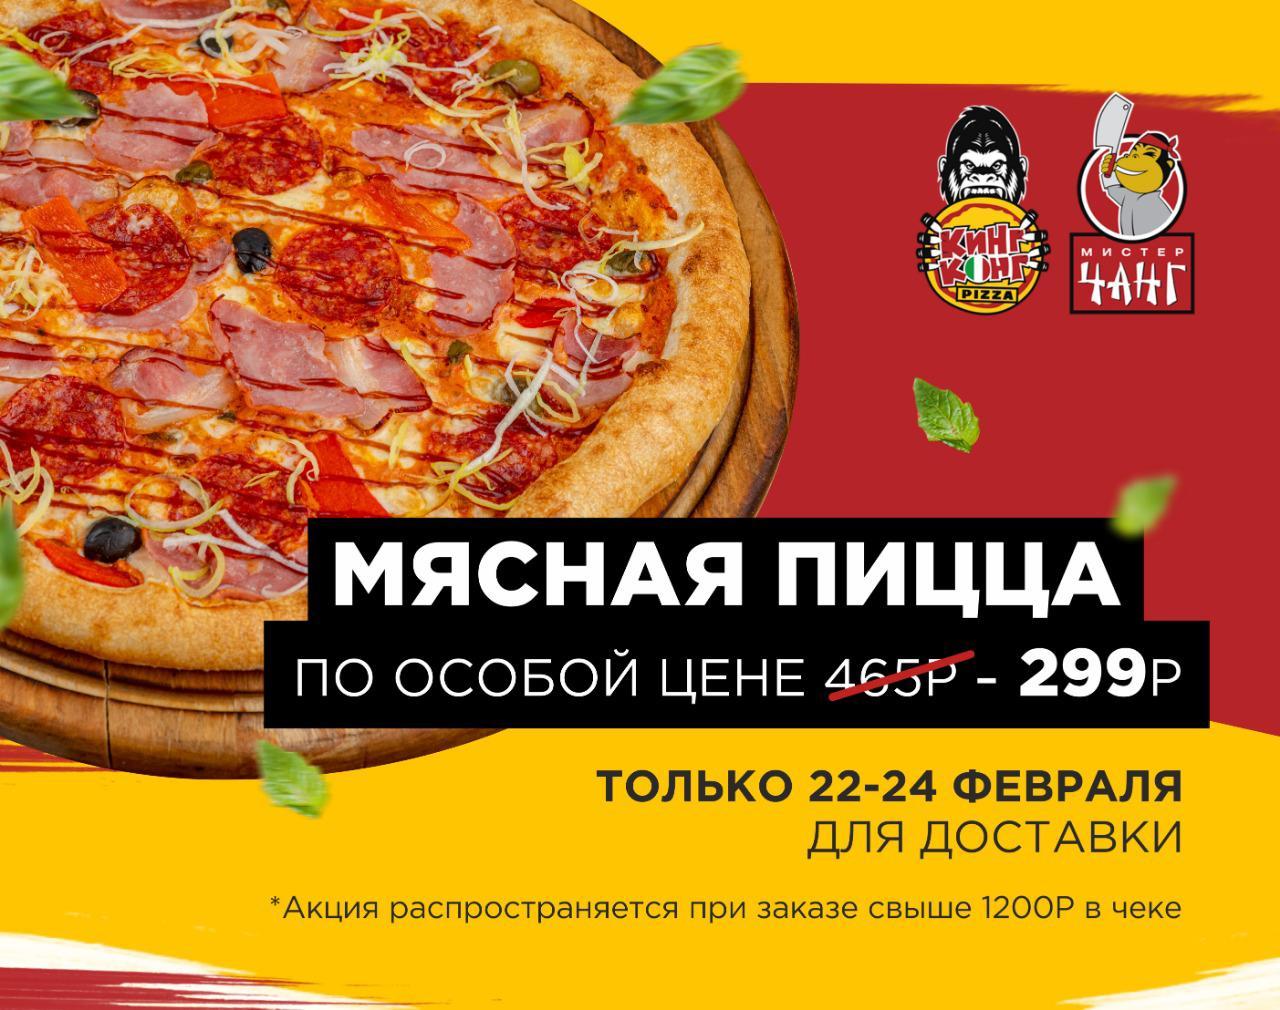 Мясная пицца по особой цене !!!